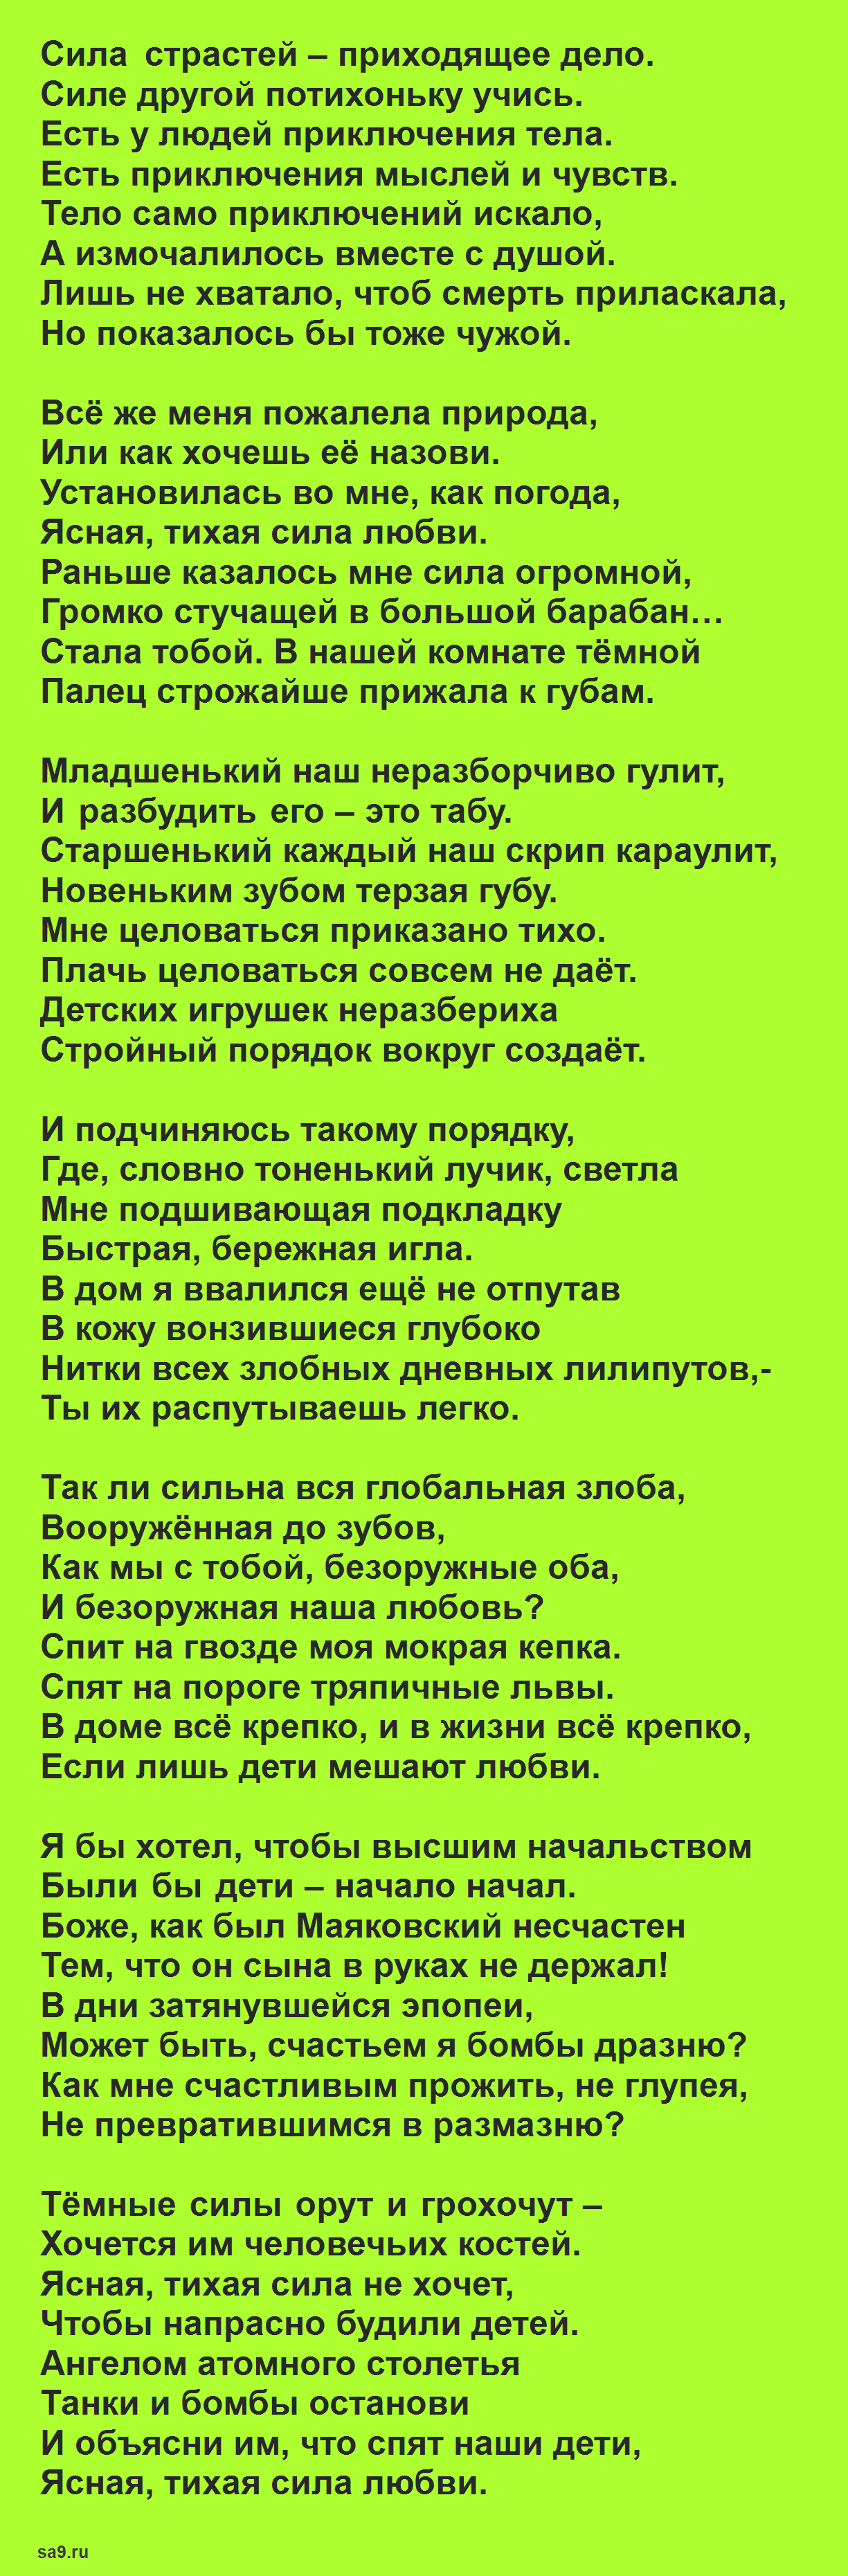 Читать легкие стихи Евгения Евтушенко о любви - Сила страстей